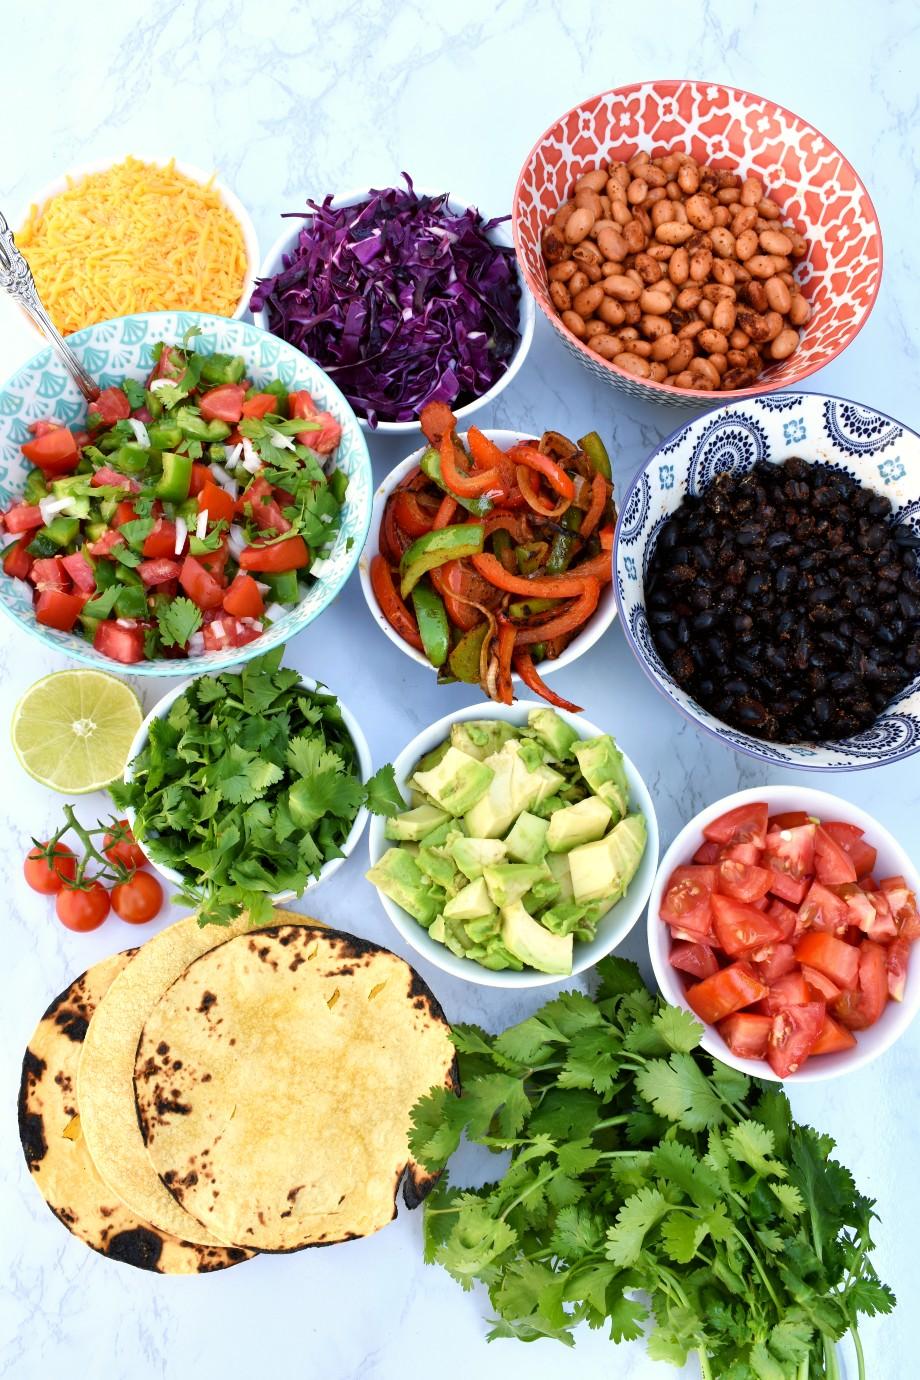 Vegetarian Taco Bar Ingredients